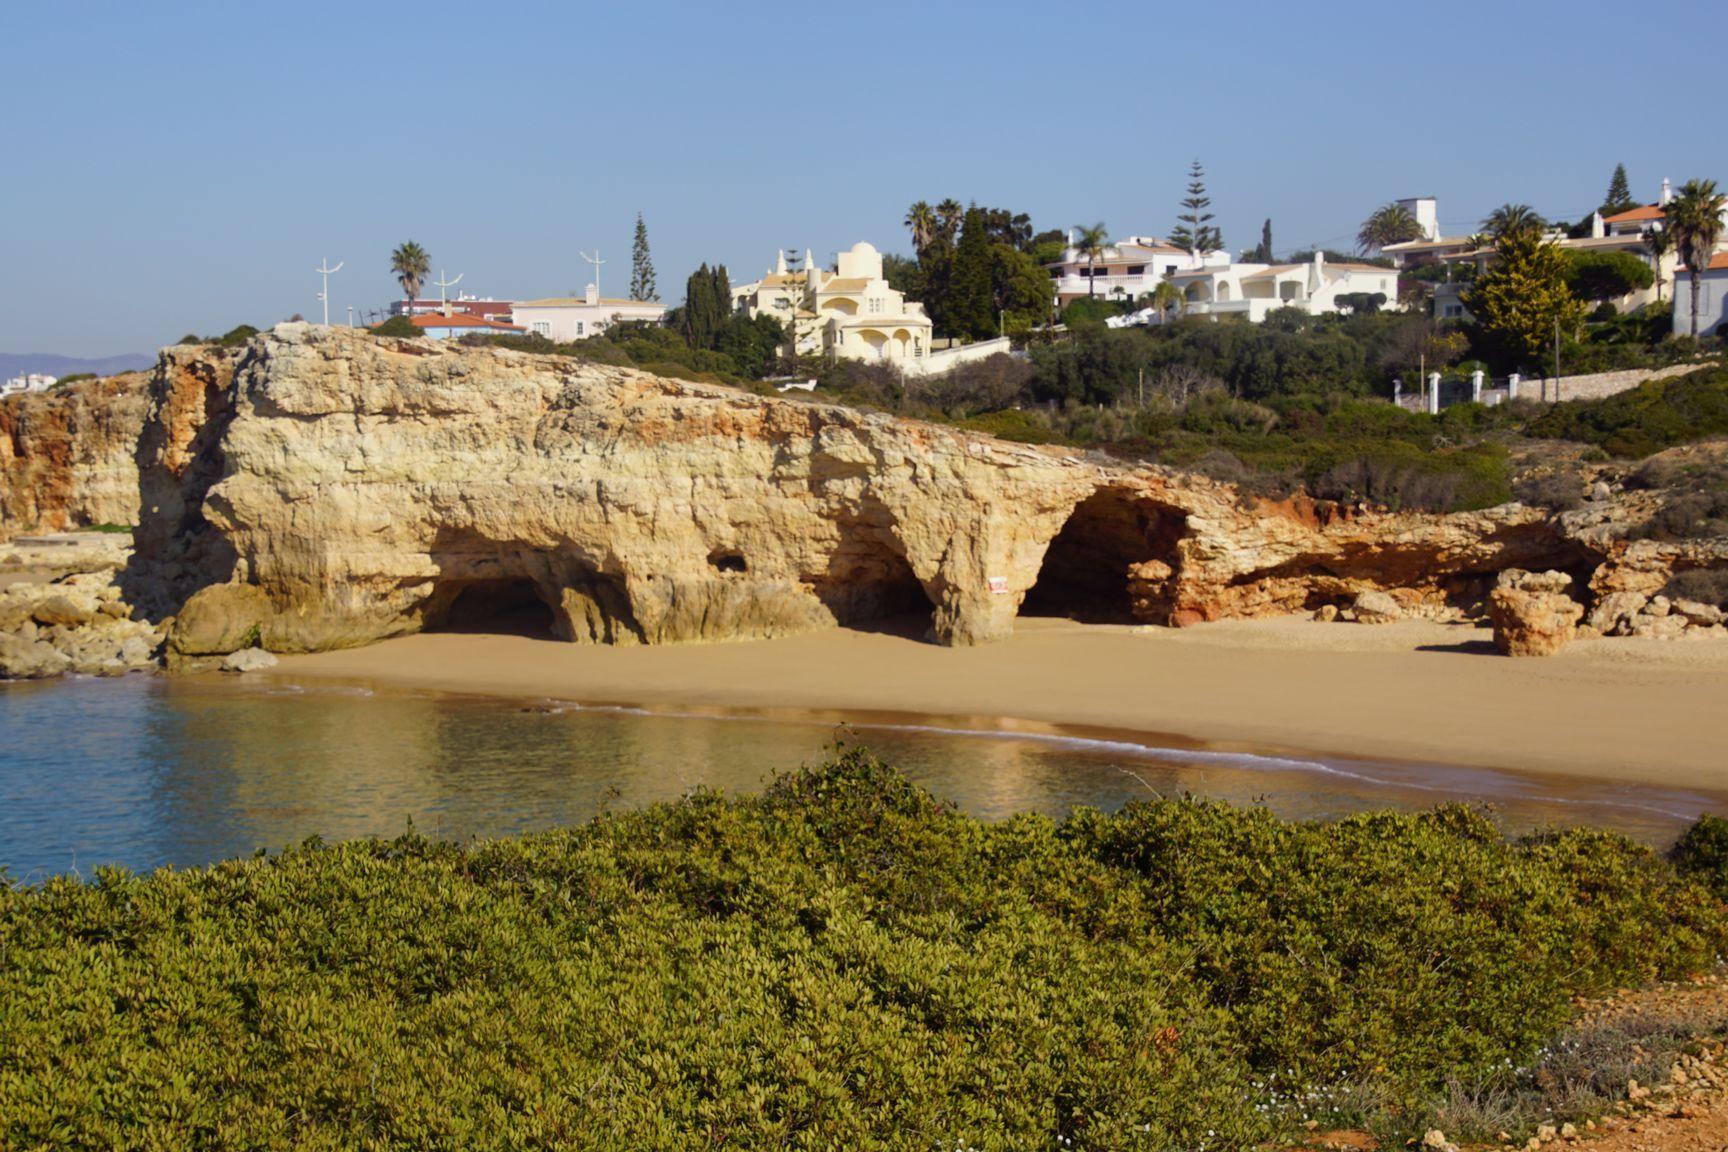 La roche, très calcaire se creuse avec les vagues